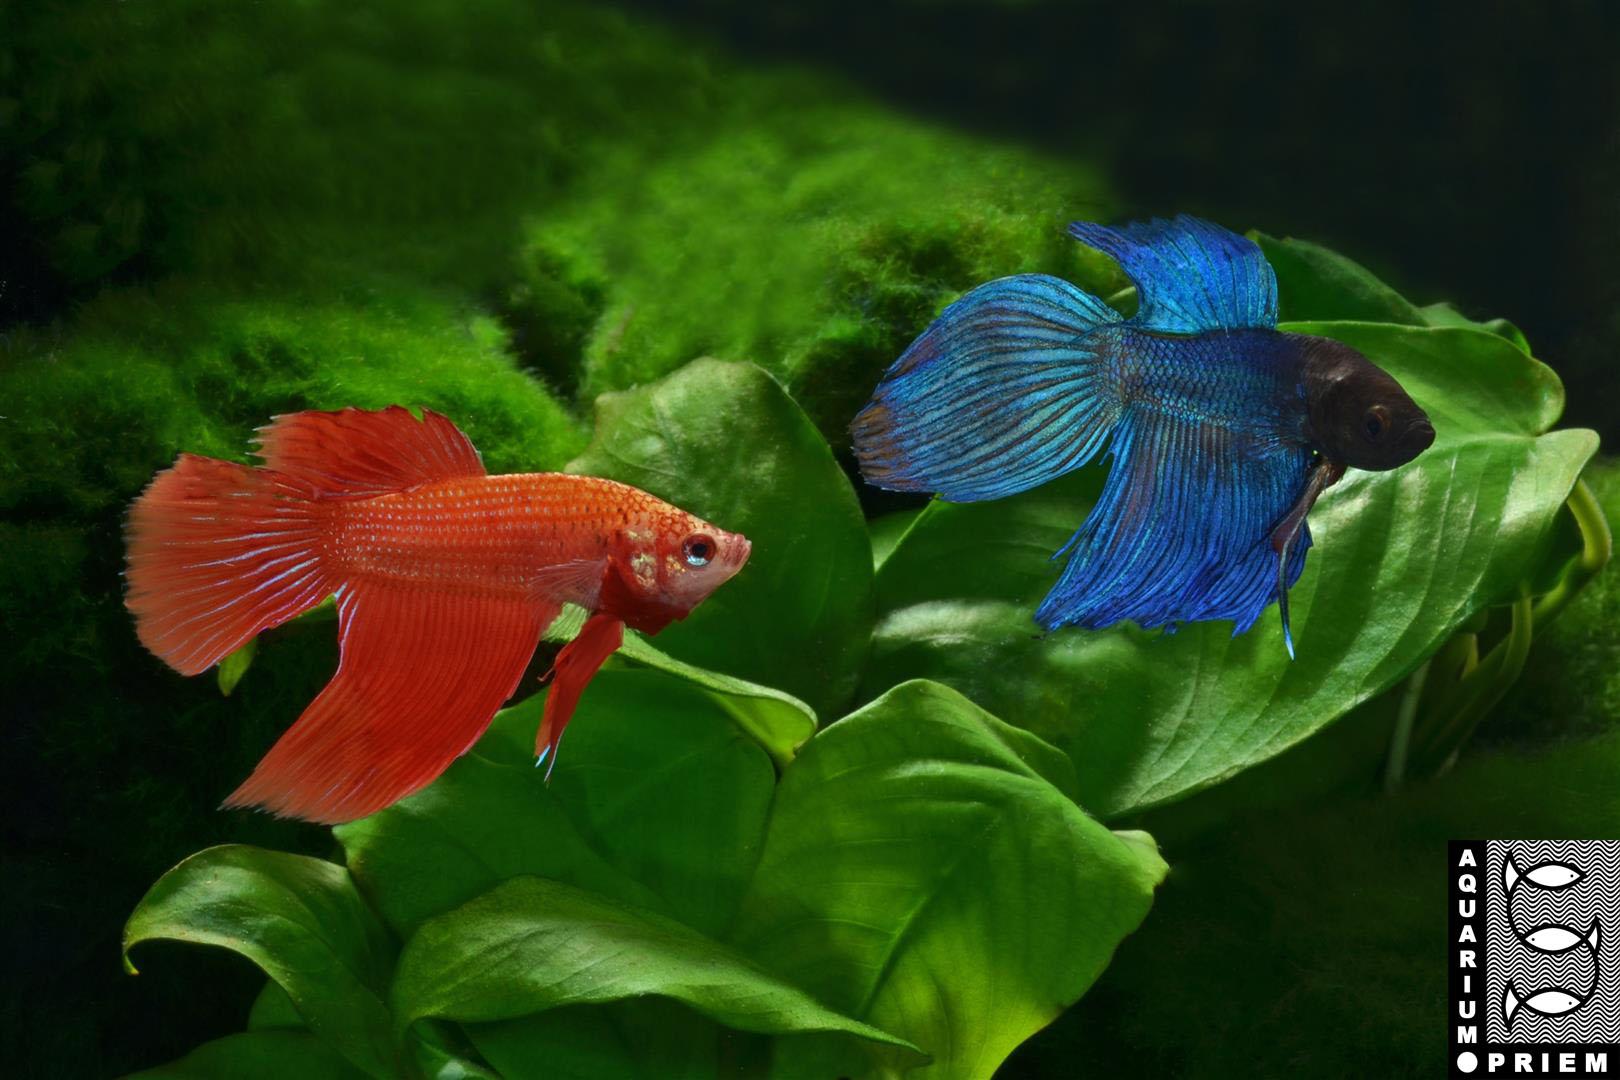 Siamesischer-Kampffisch-Betta-splendens-blau+rot Priem